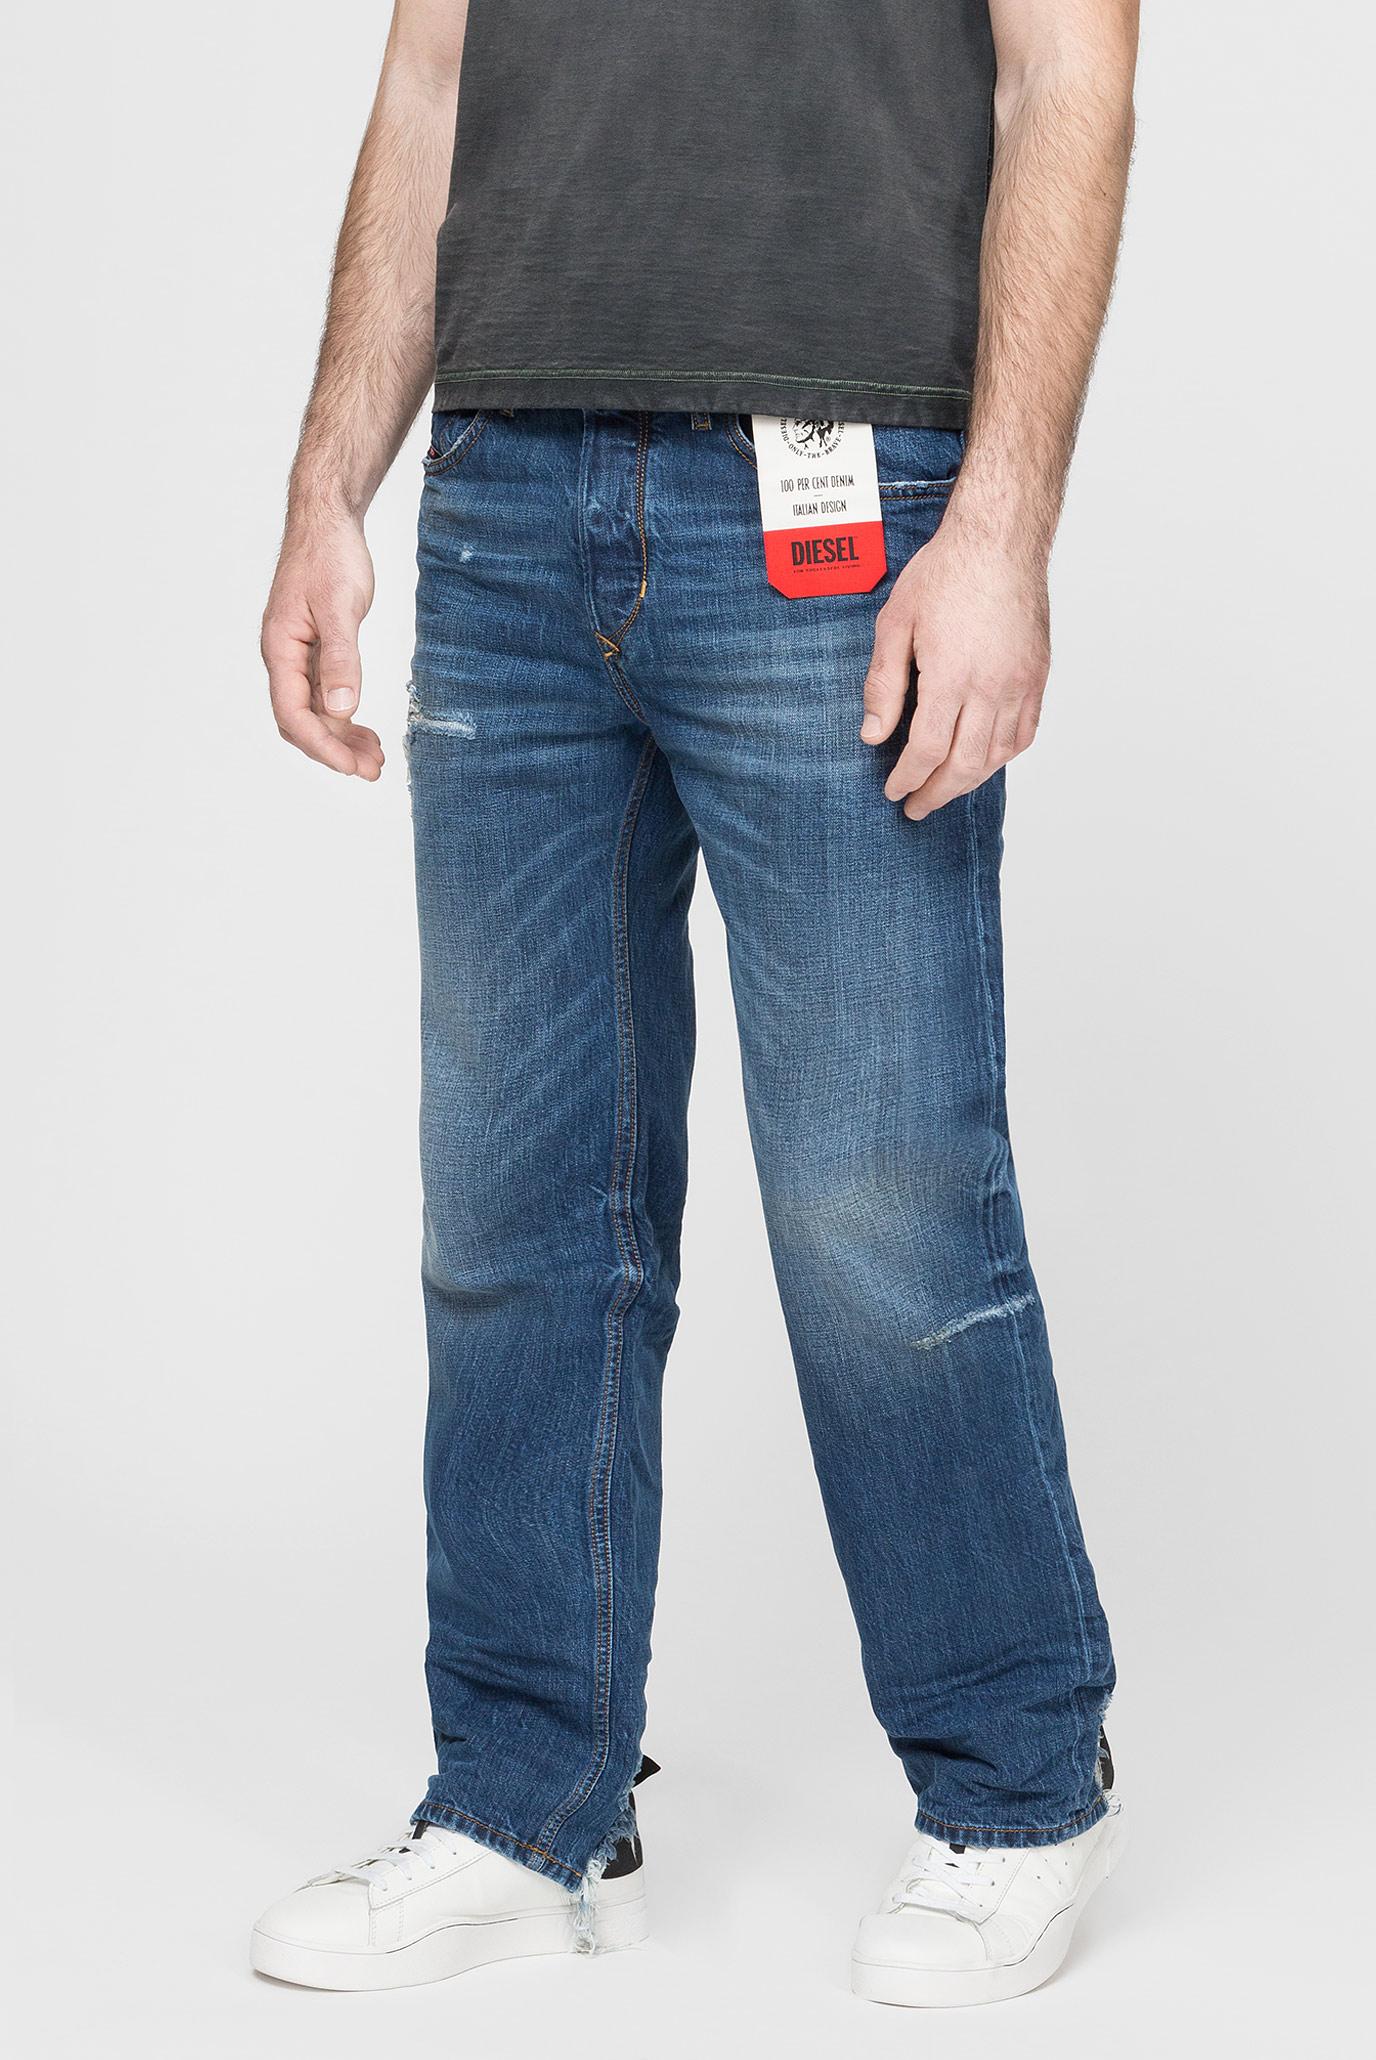 Купить Мужские синие джинсы D-KODECK Diesel Diesel 00SSLF 080AH – Киев, Украина. Цены в интернет магазине MD Fashion